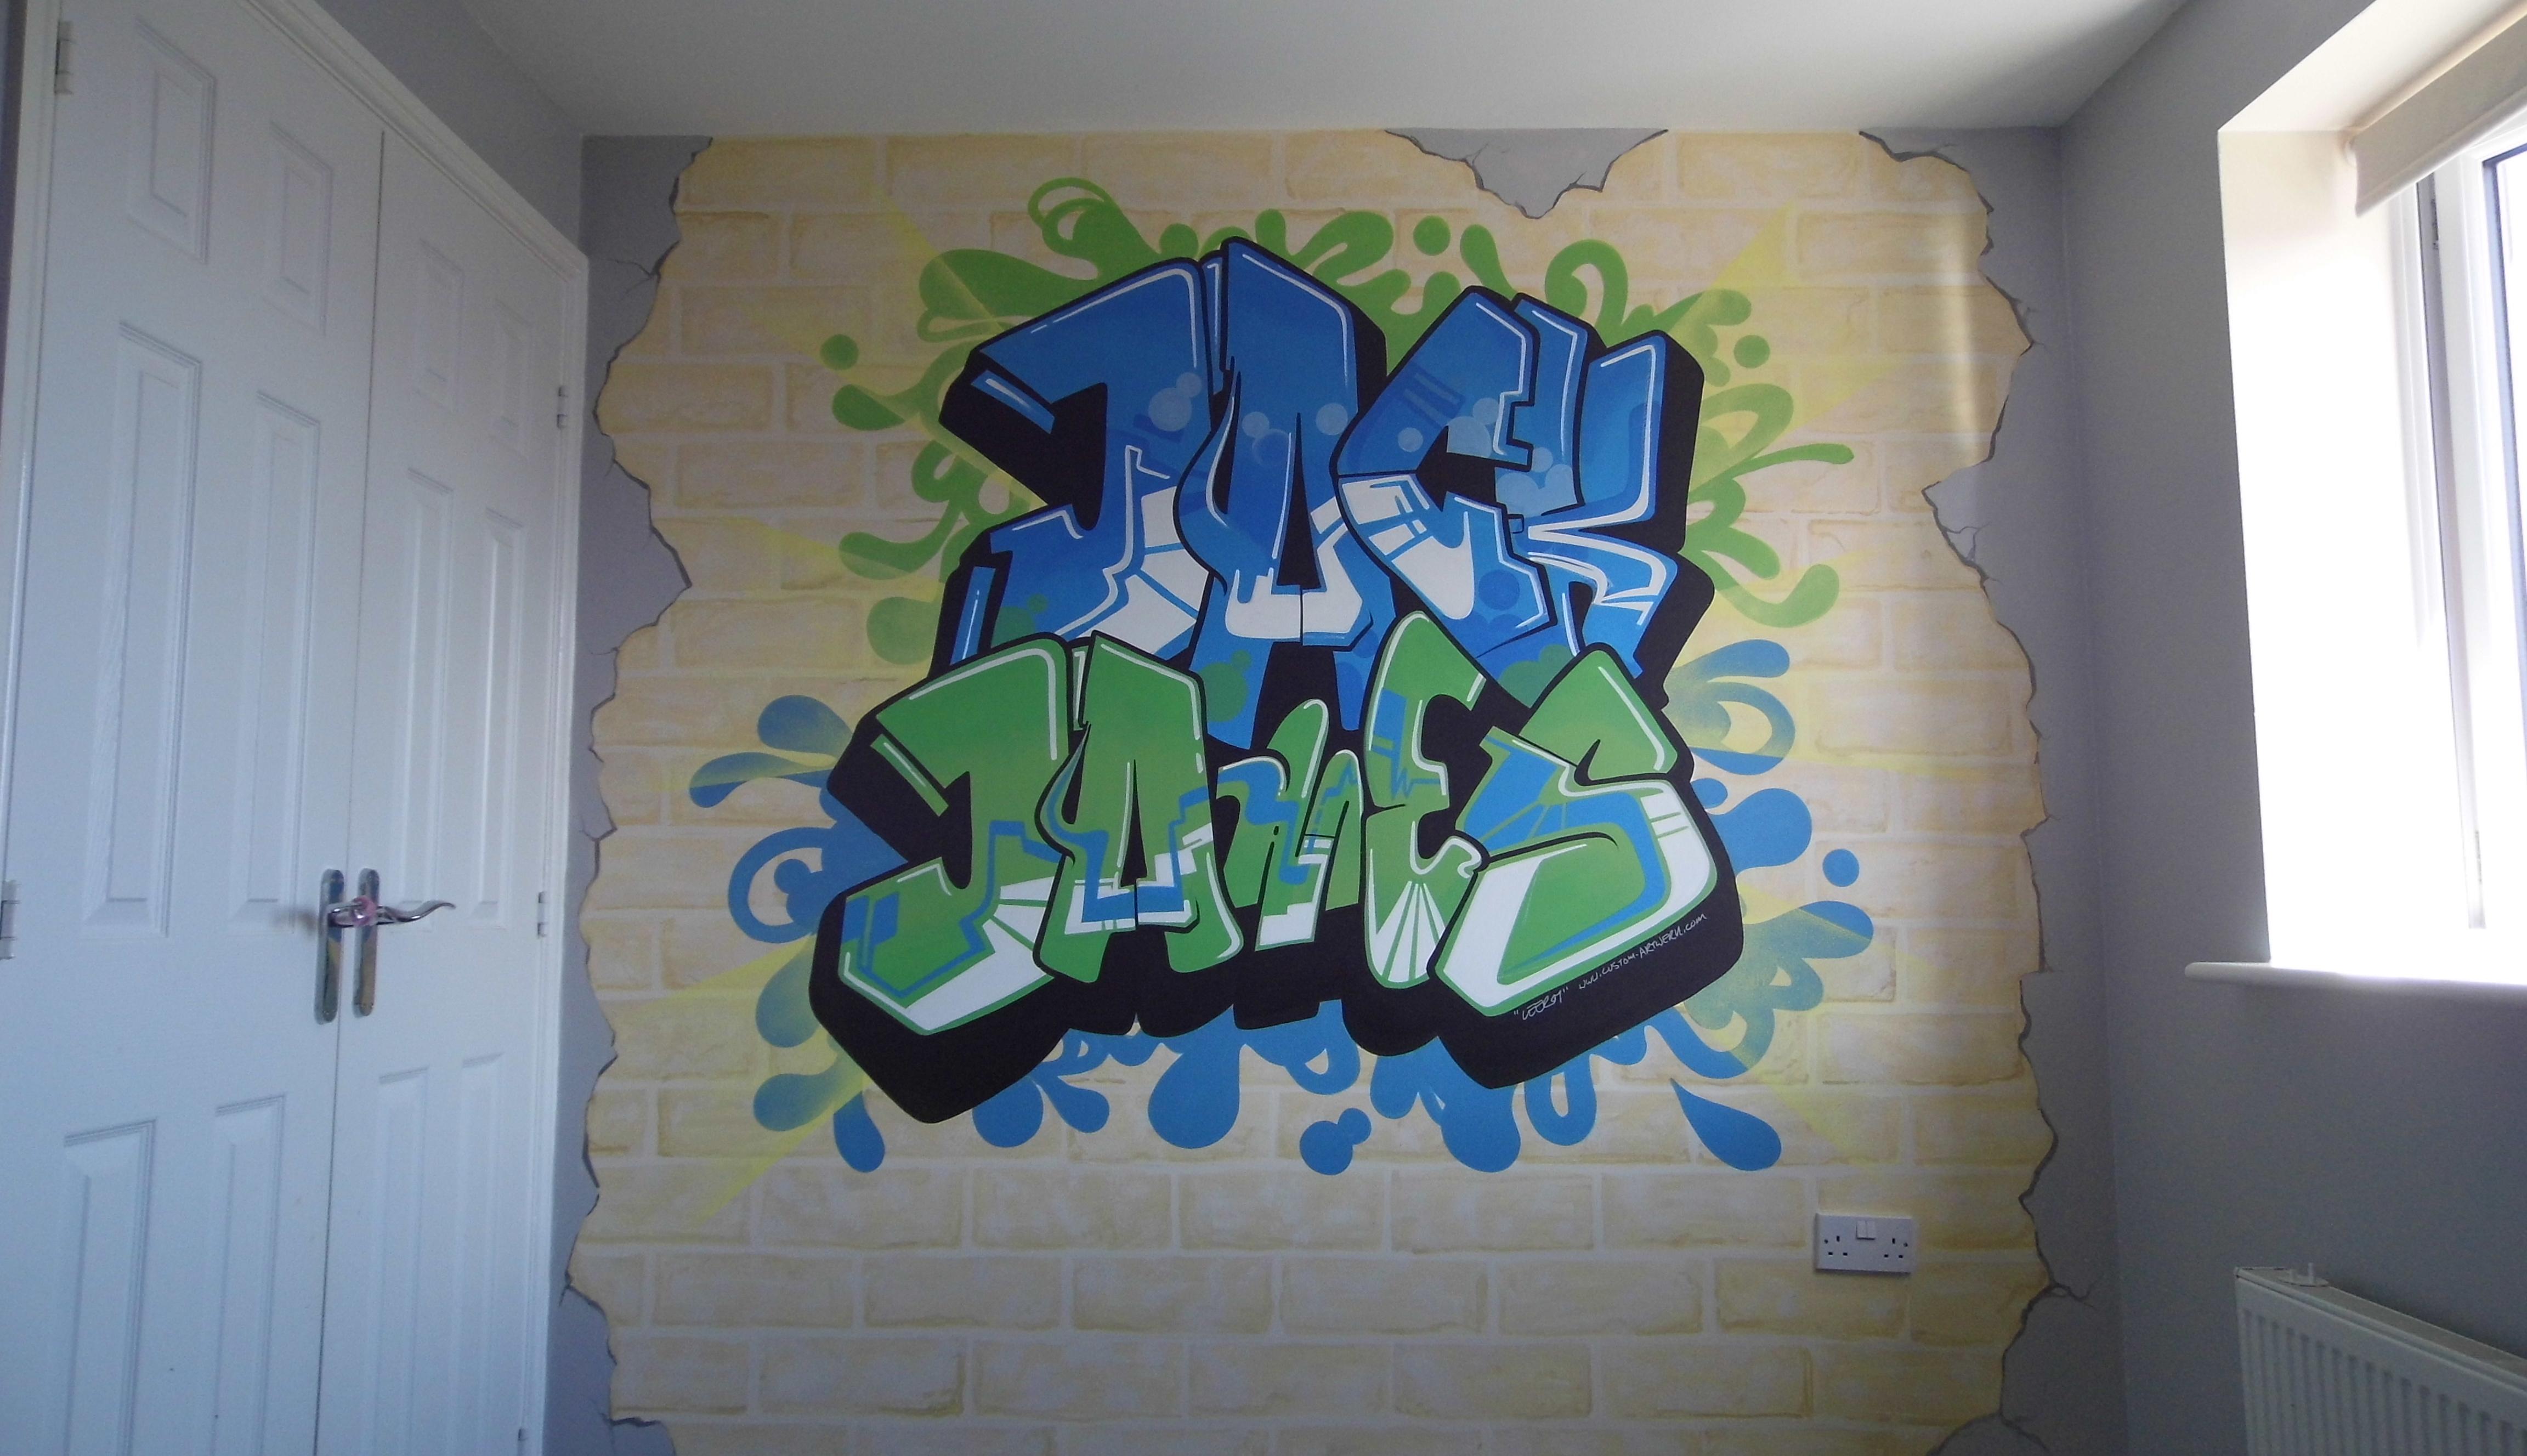 Jack & James Graffiti